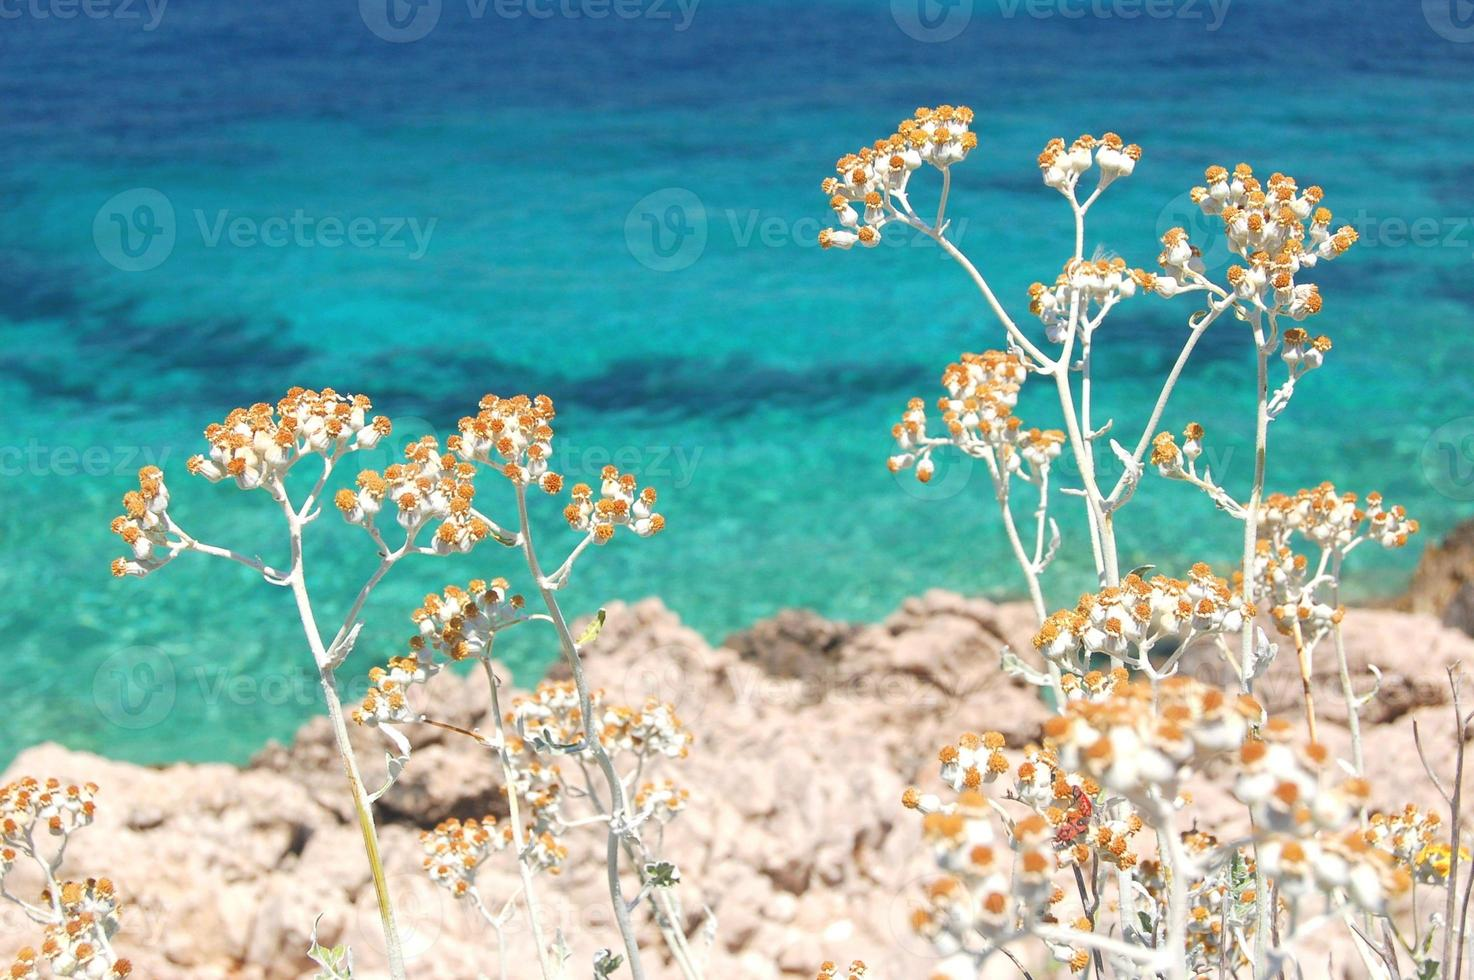 Pintoresco paisaje de verano escénico de la costa dálmata, Croacia foto